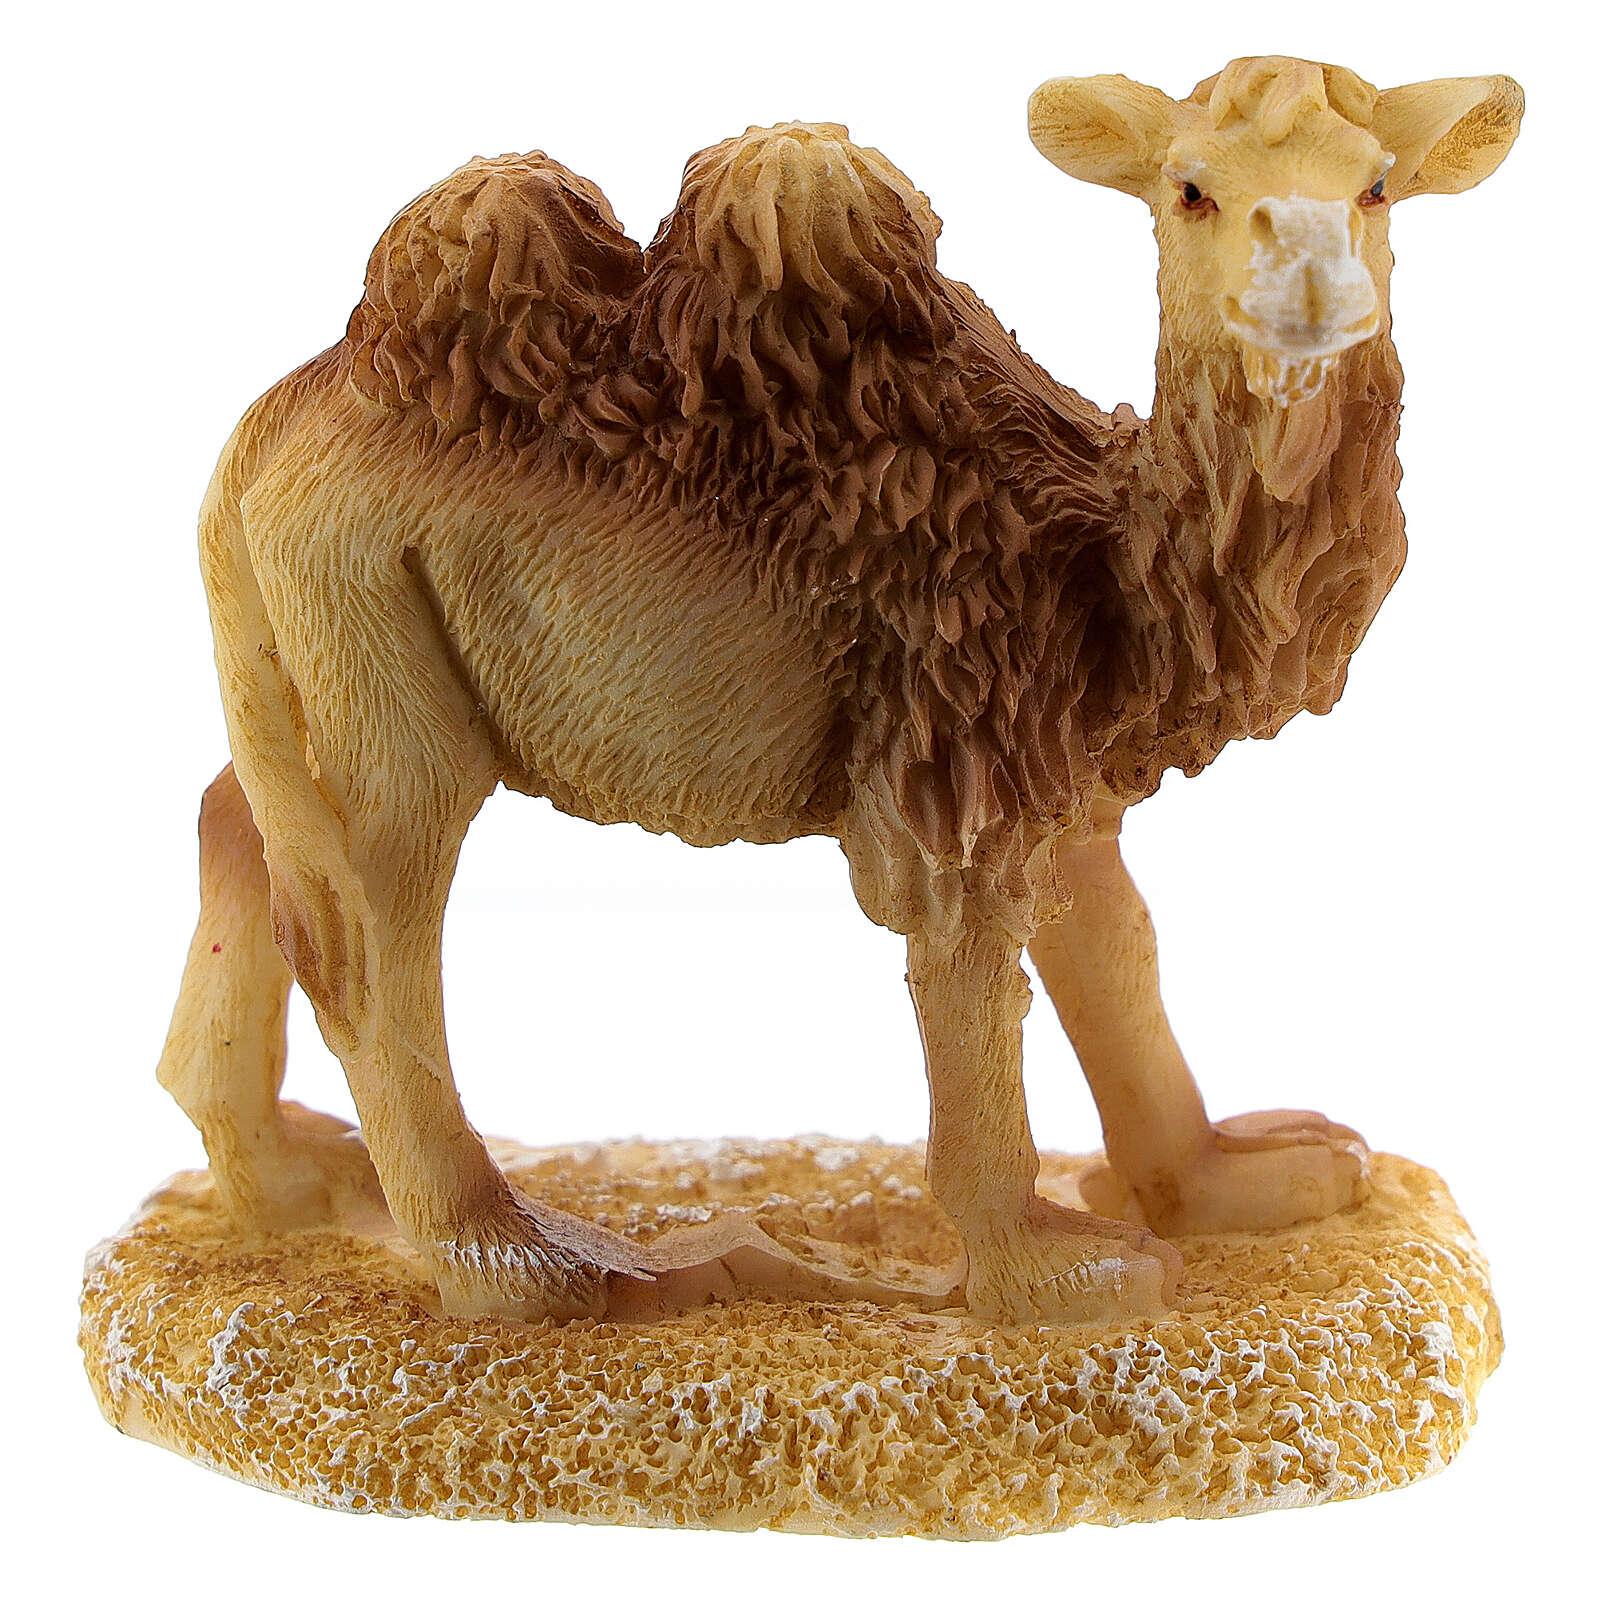 Camel for Nativity scene 6 cm resin 3